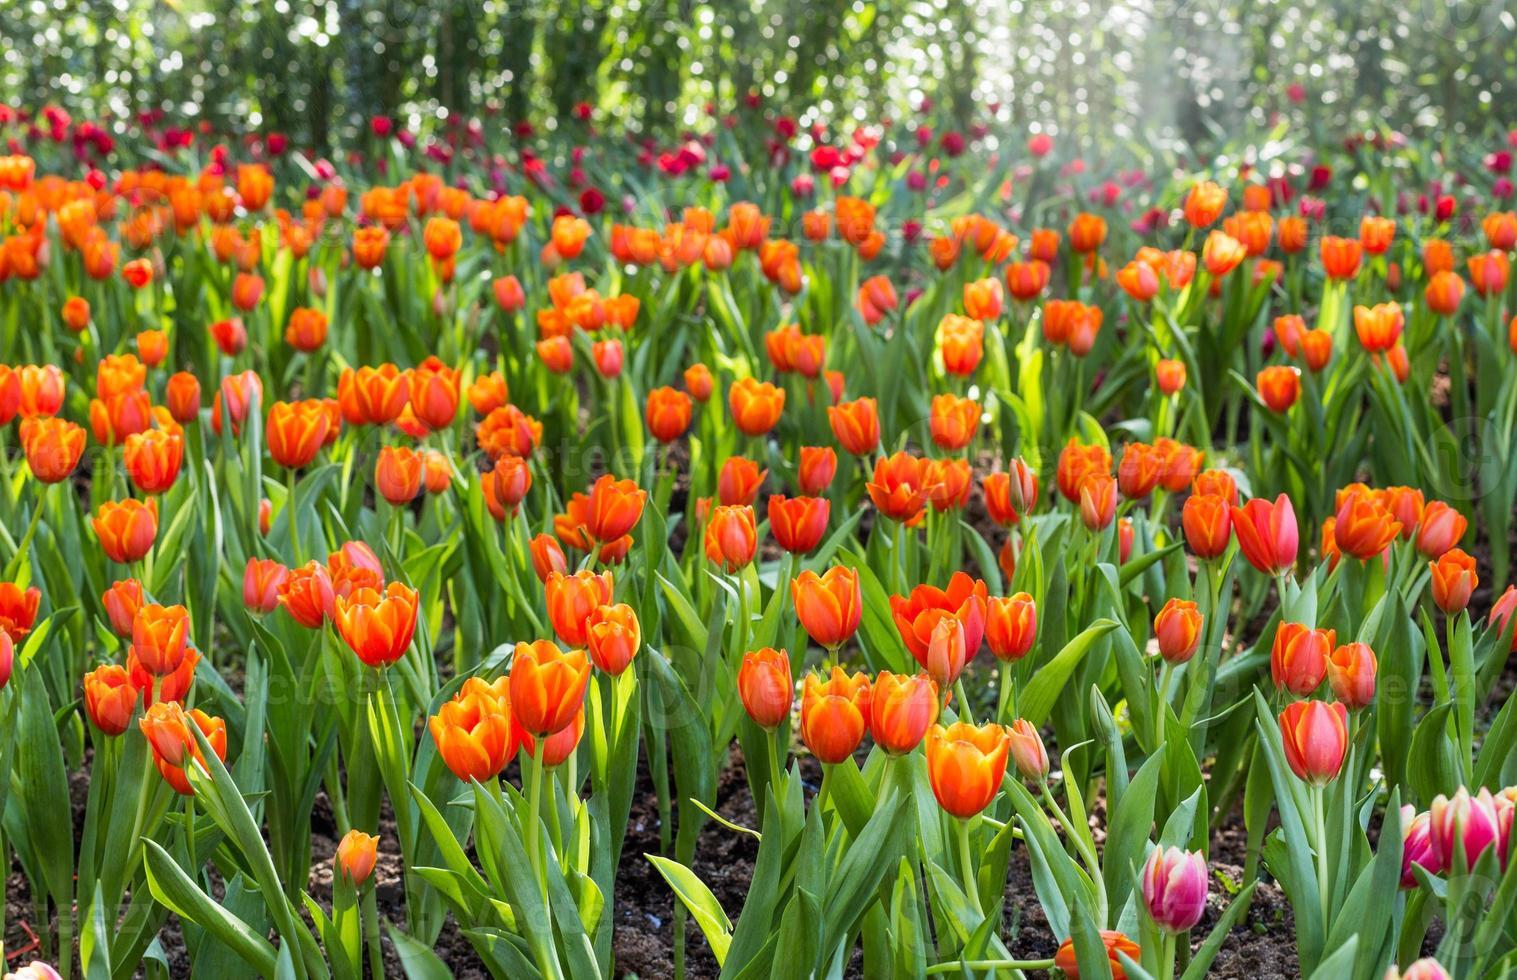 flor de tulipán naranja foto